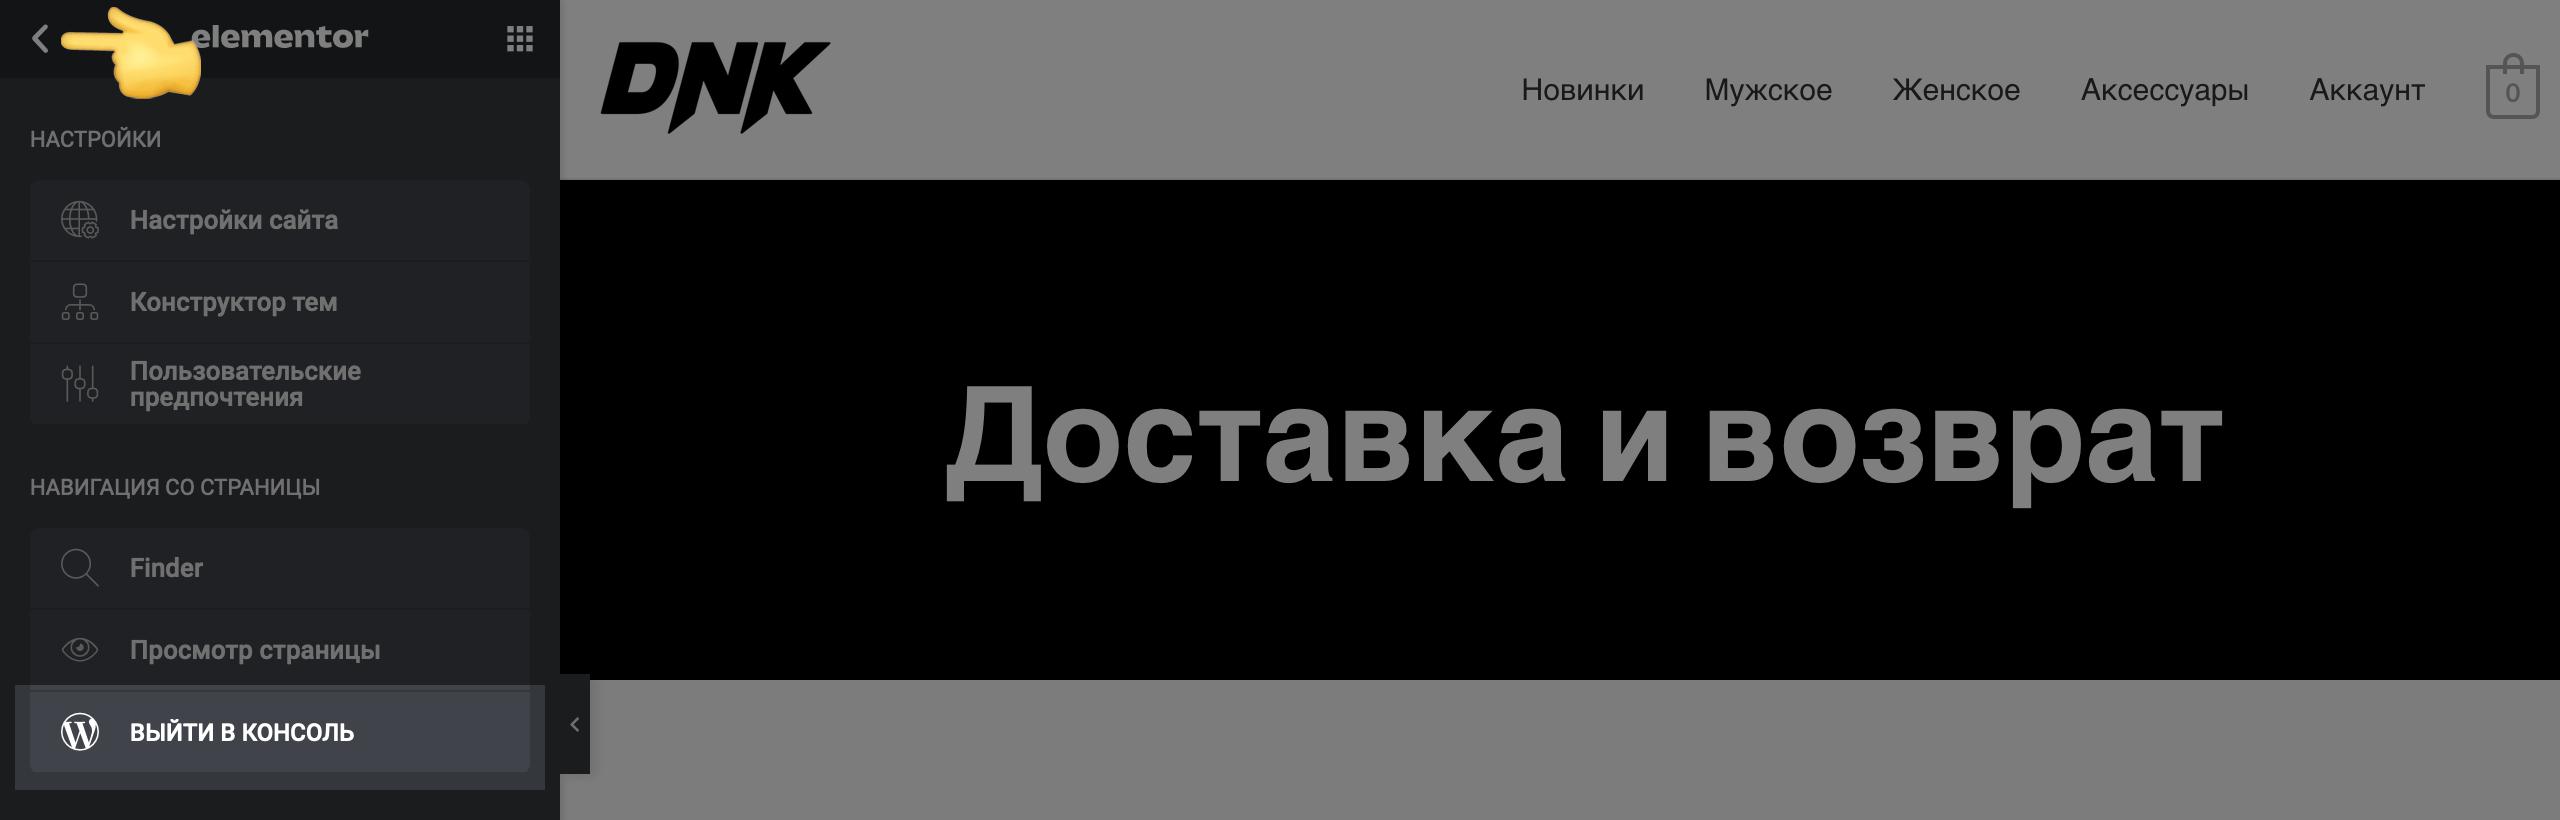 Интернет-магазин Вордпресс: кнопка выхода в консоль в Elementor